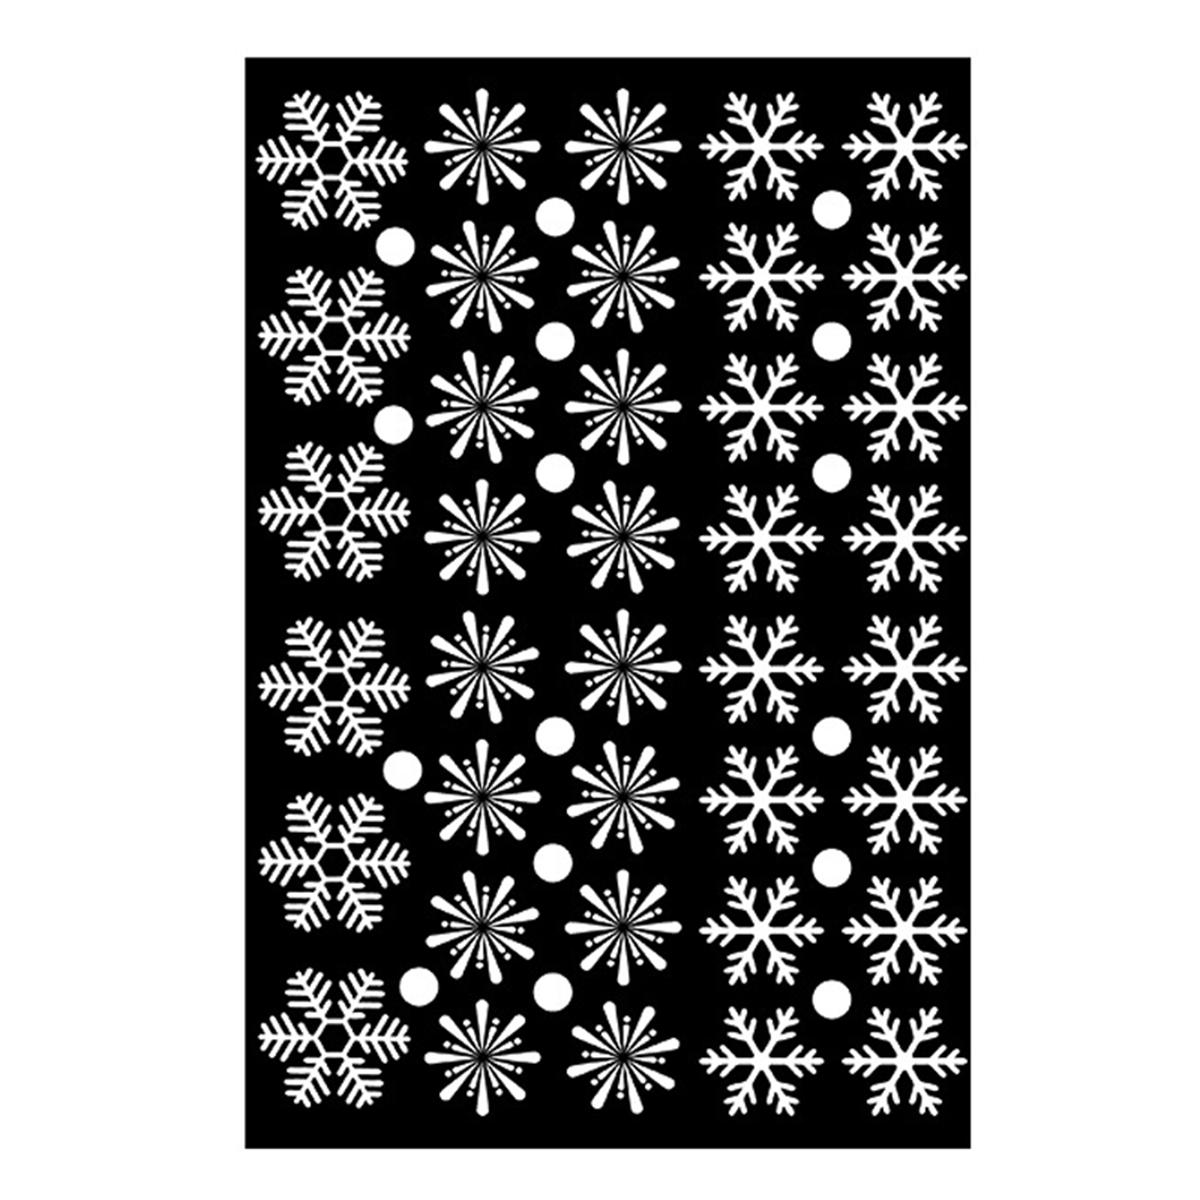 Наклейки на окно или стену в виде снежинок на Новый Год или Рождество